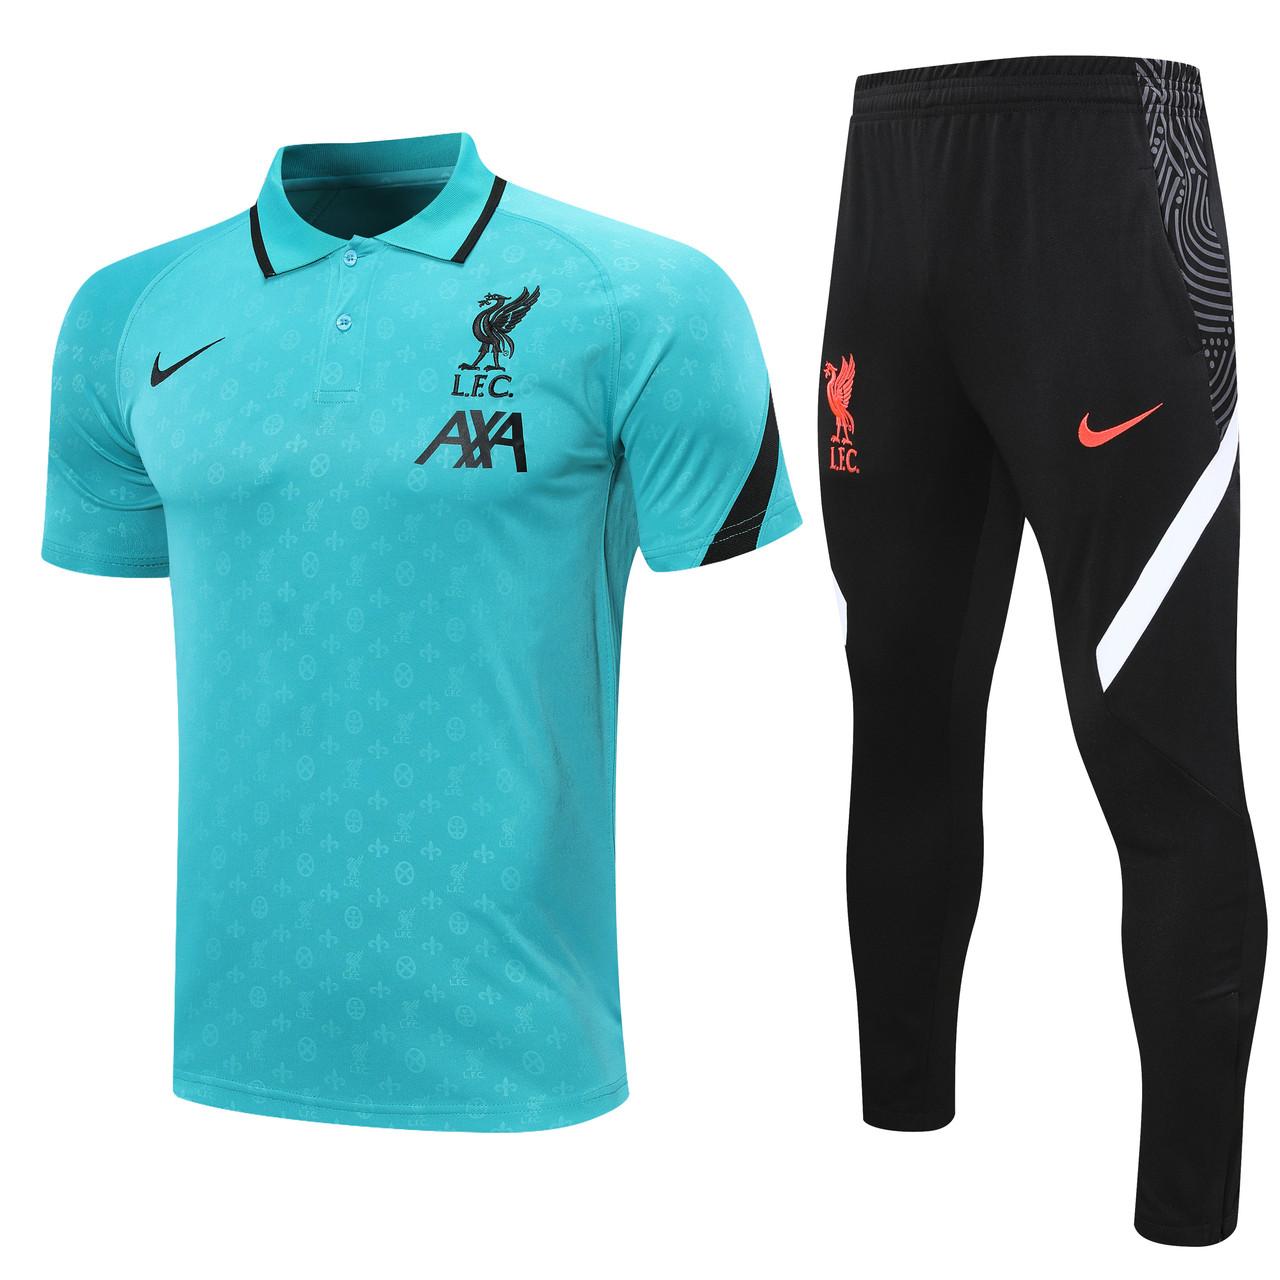 Летний тренировочный костюм Ливерпуль Liverpool 20/21 (4 цвета)